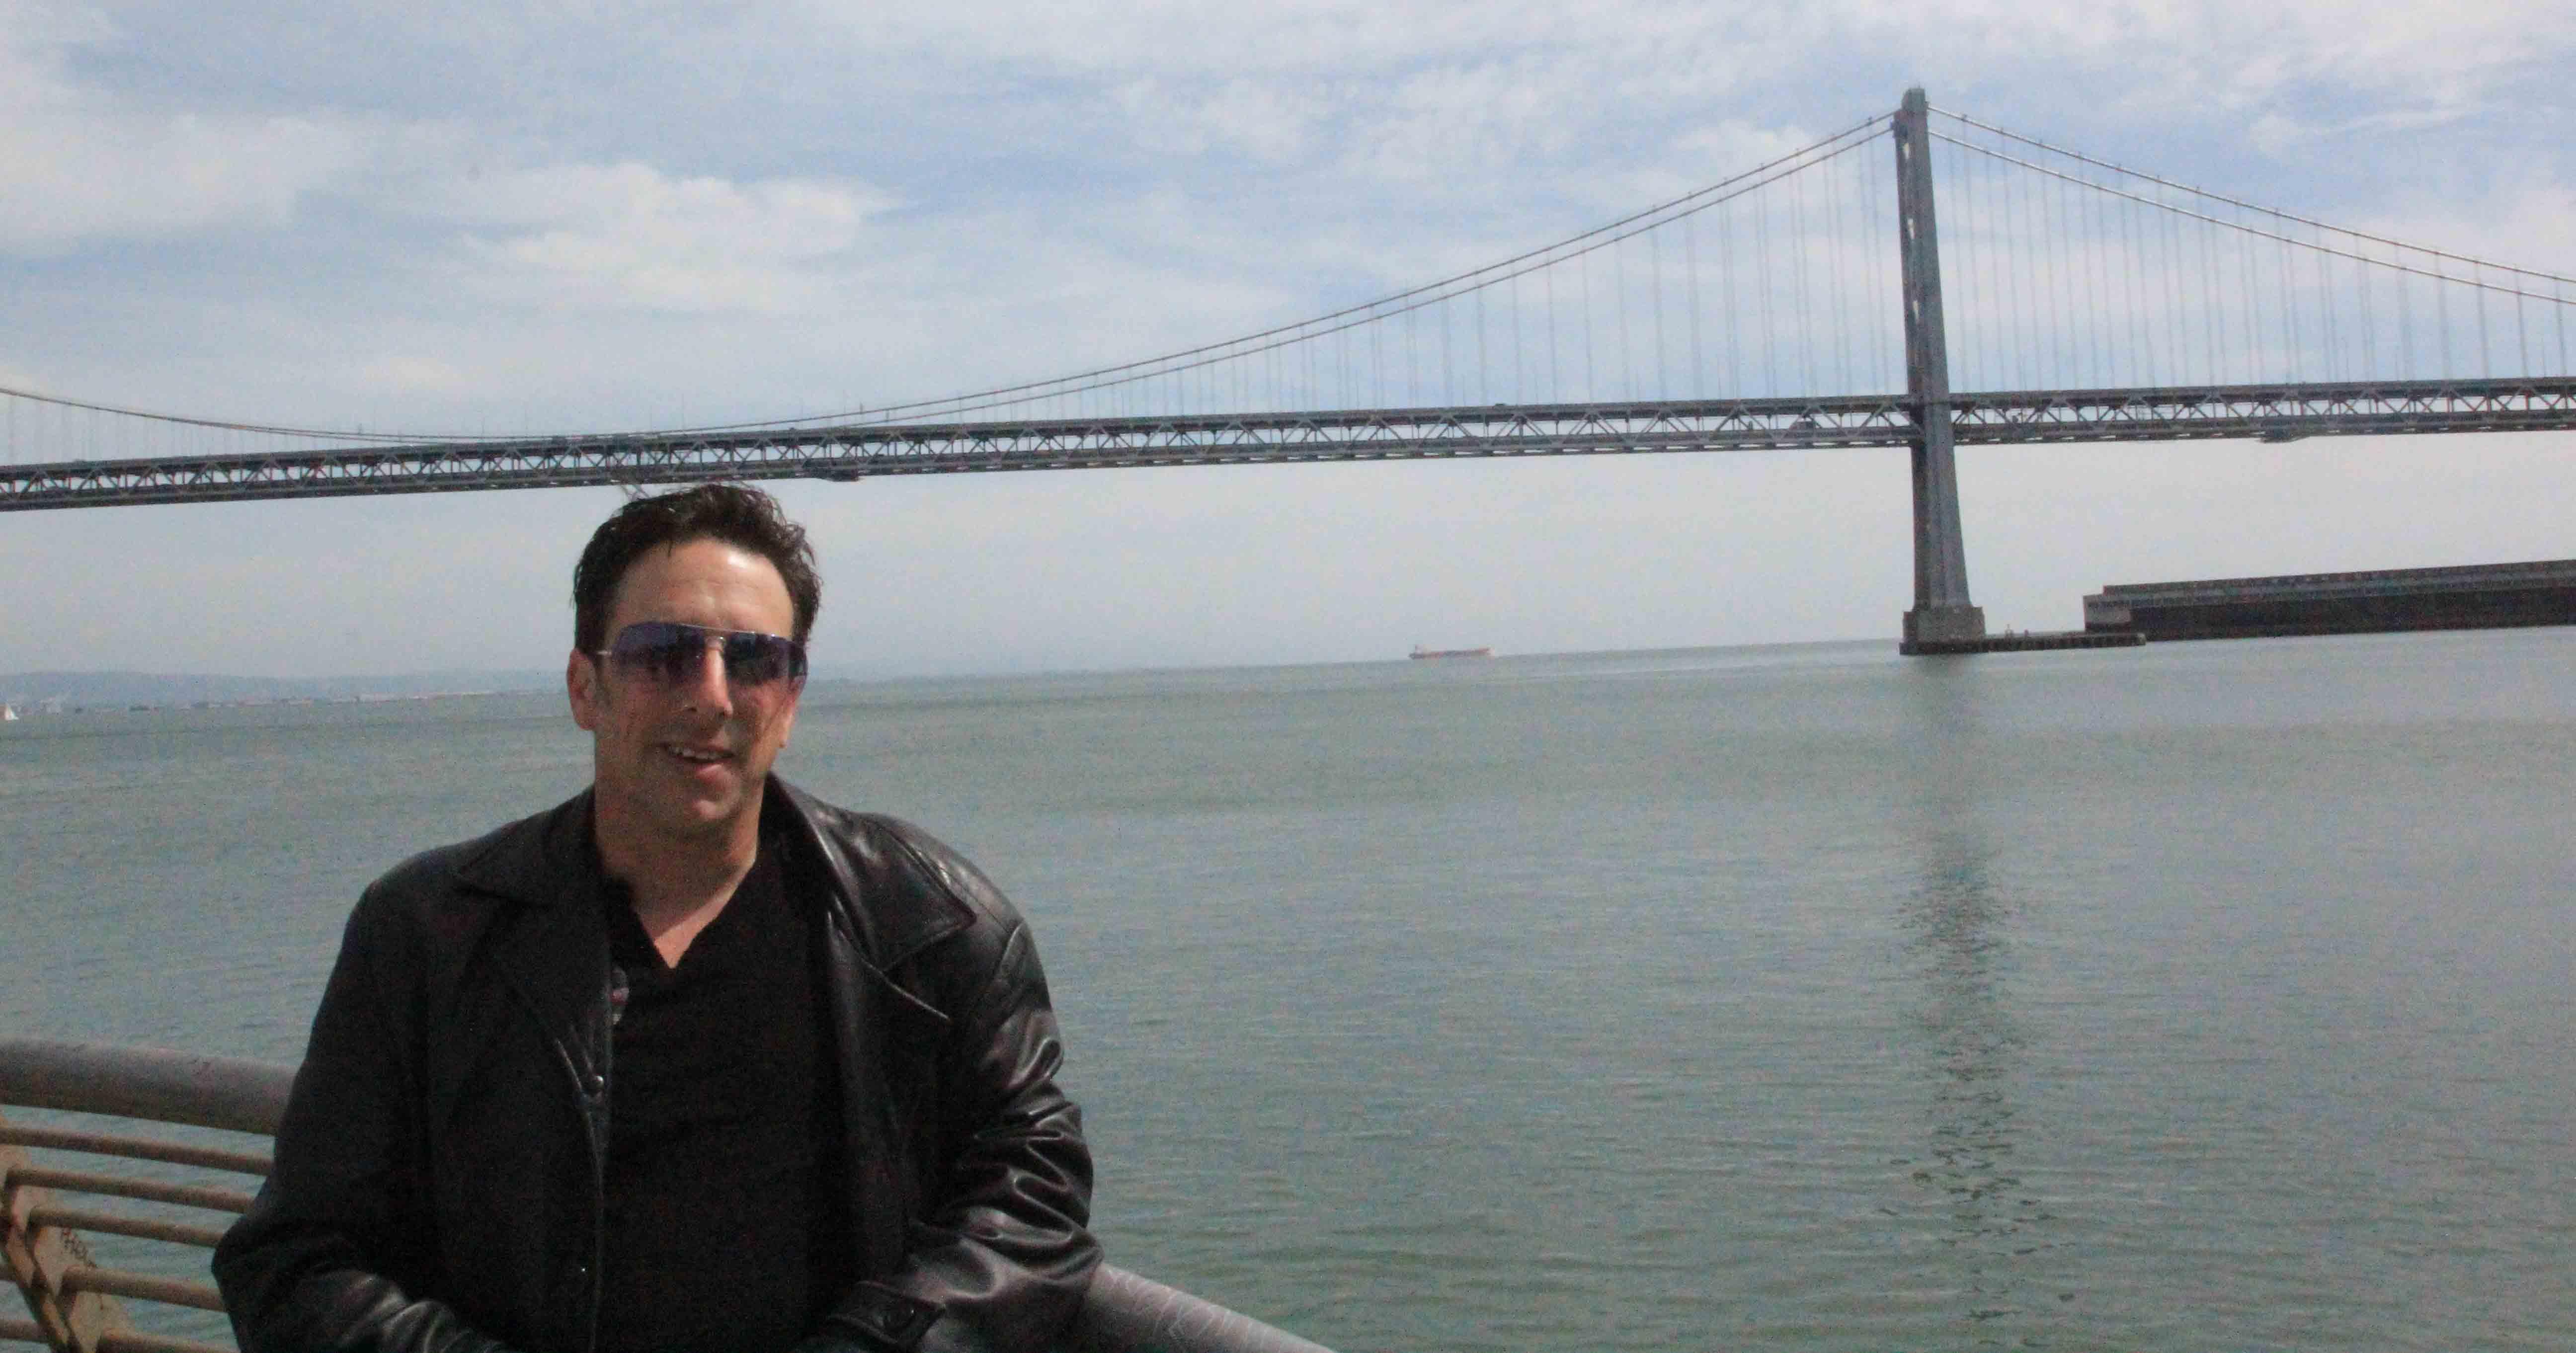 SF-ME IN SAN FRANCISCO